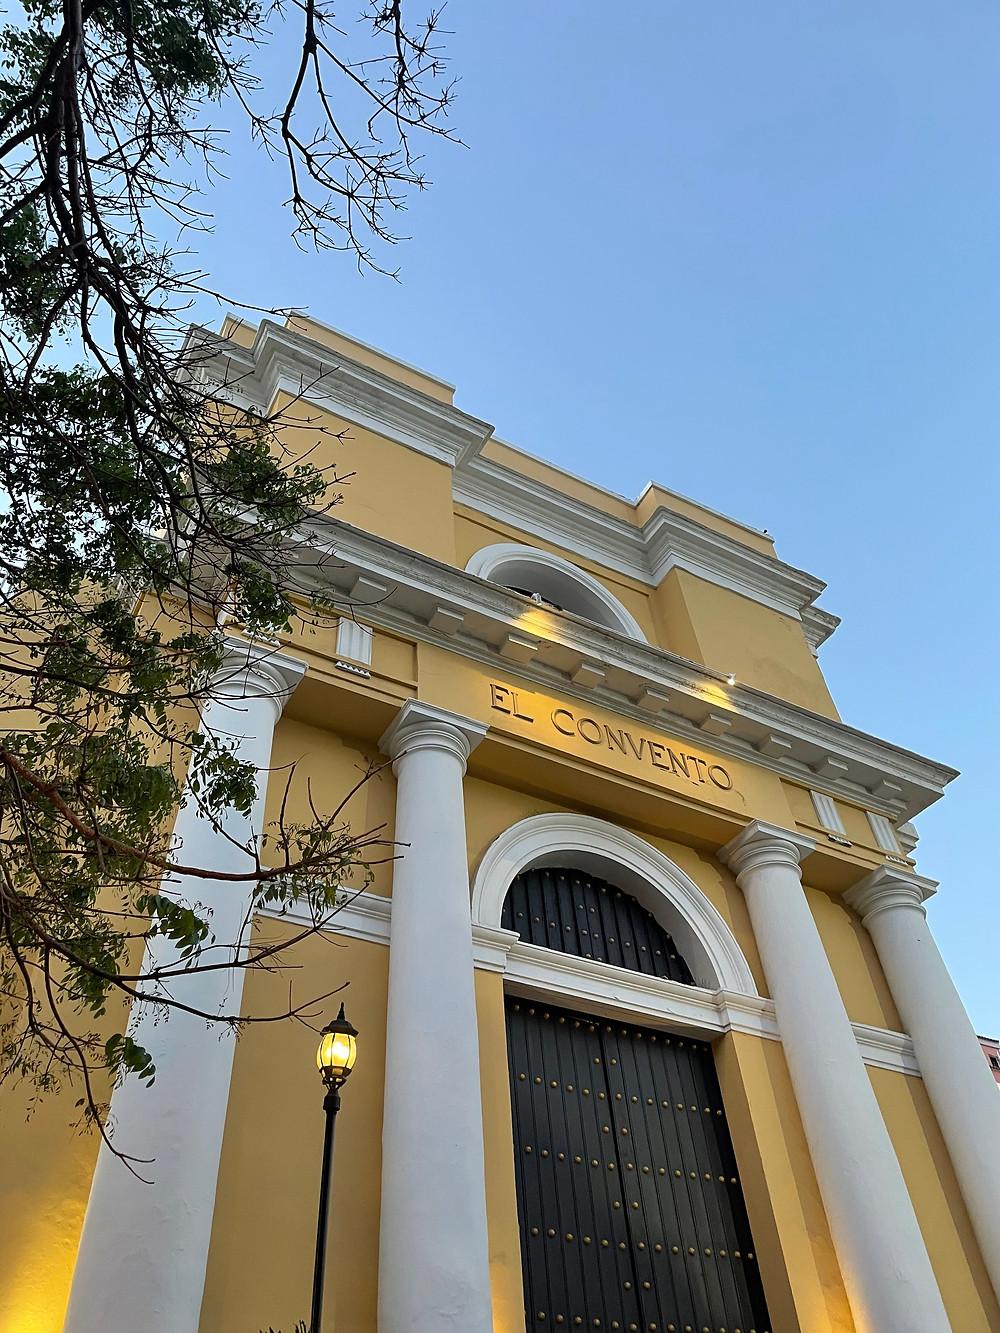 Hotel El Convento en el Viejo San Juan, Puerto Rico.